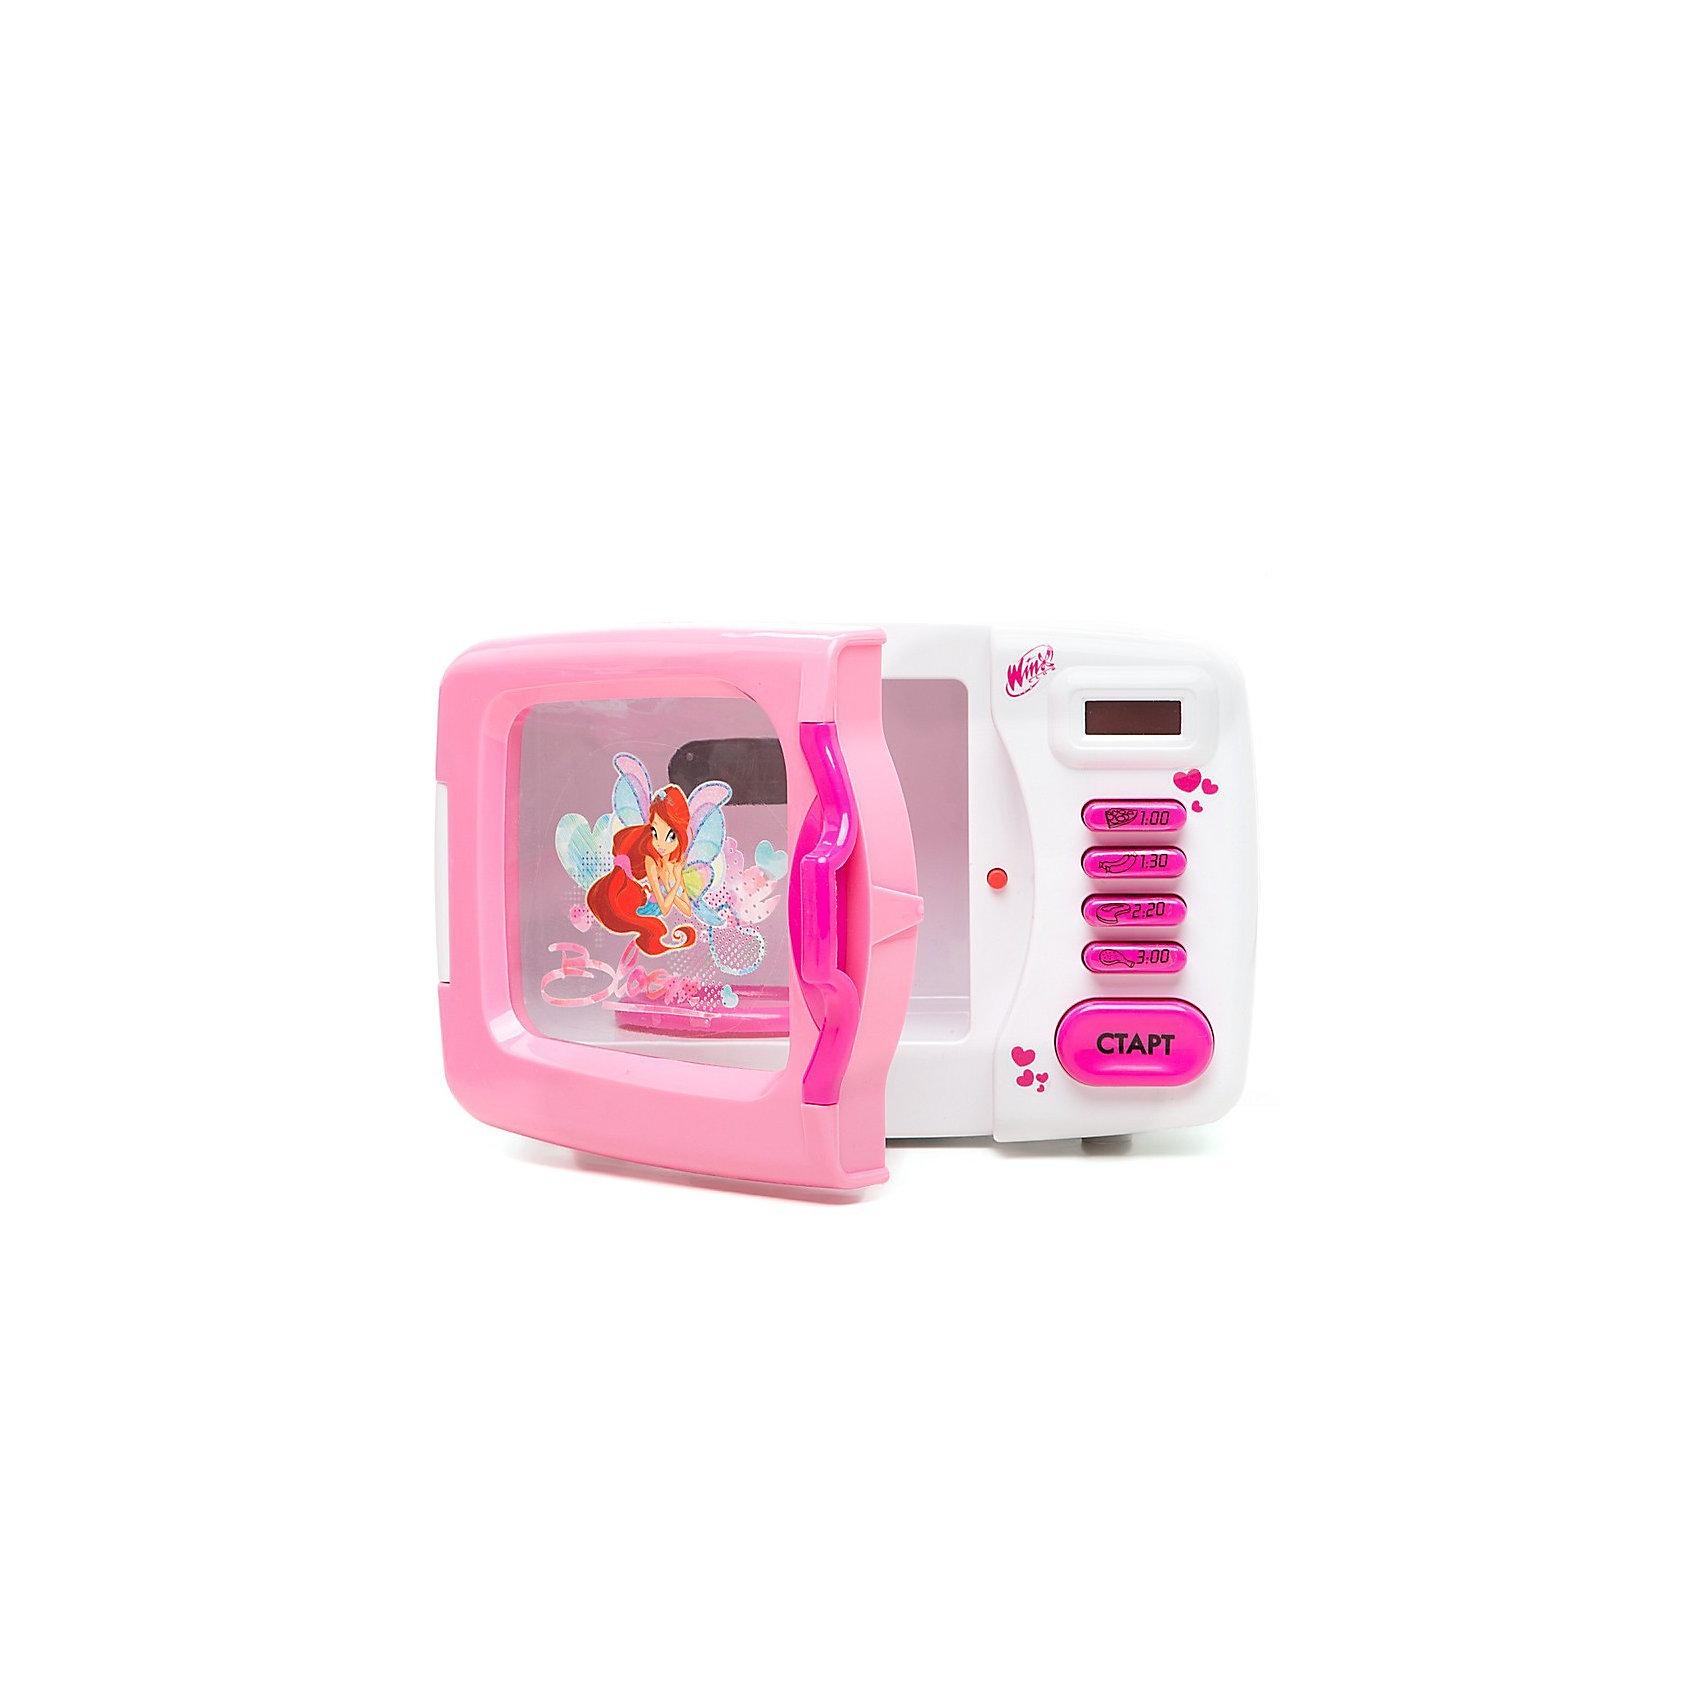 Микроволновая  печь,  Winx ClubИгрушечная бытовая техника<br>Микроволновая  печь Winx Club - замечательная реалистичная игрушка, которая не оставит равнодушной ни одну девочку. Яркая игрушка выполнена в привлекательном для девочек дизайне по мотивам популярного мультсериала Winx Club и украшена изображениями волшебных фей Winx. В машинке имеется прозрачная дверца, внутри подставка для посуды, на корпусе размещены таймер и кнопочки для выбора программы для разных видов блюд. Девочка с удовольствием будет готовить новые блюда для своих любимых кукол и игрушек. Имеются световые и звуковые эффекты.<br><br>Дополнительная информация:<br><br>- Материал: пластик<br>- Требуются батарейки: 3 х АА (не входят в комплект).<br>- Размер игрушки: 22,5 х 15,5 х 13,5 см.<br>- Размер упаковки: 31 х 19 х 16 см.<br>- Вес:  0.8 кг.<br>- Серия: Winx (Винкс) - Школа Волшебниц<br><br>Микроволновую печь Winx Club можно купить в нашем интернет-магазине.<br><br>Ширина мм: 310<br>Глубина мм: 160<br>Высота мм: 190<br>Вес г: 1300<br>Возраст от месяцев: 36<br>Возраст до месяцев: 84<br>Пол: Женский<br>Возраст: Детский<br>SKU: 3644045